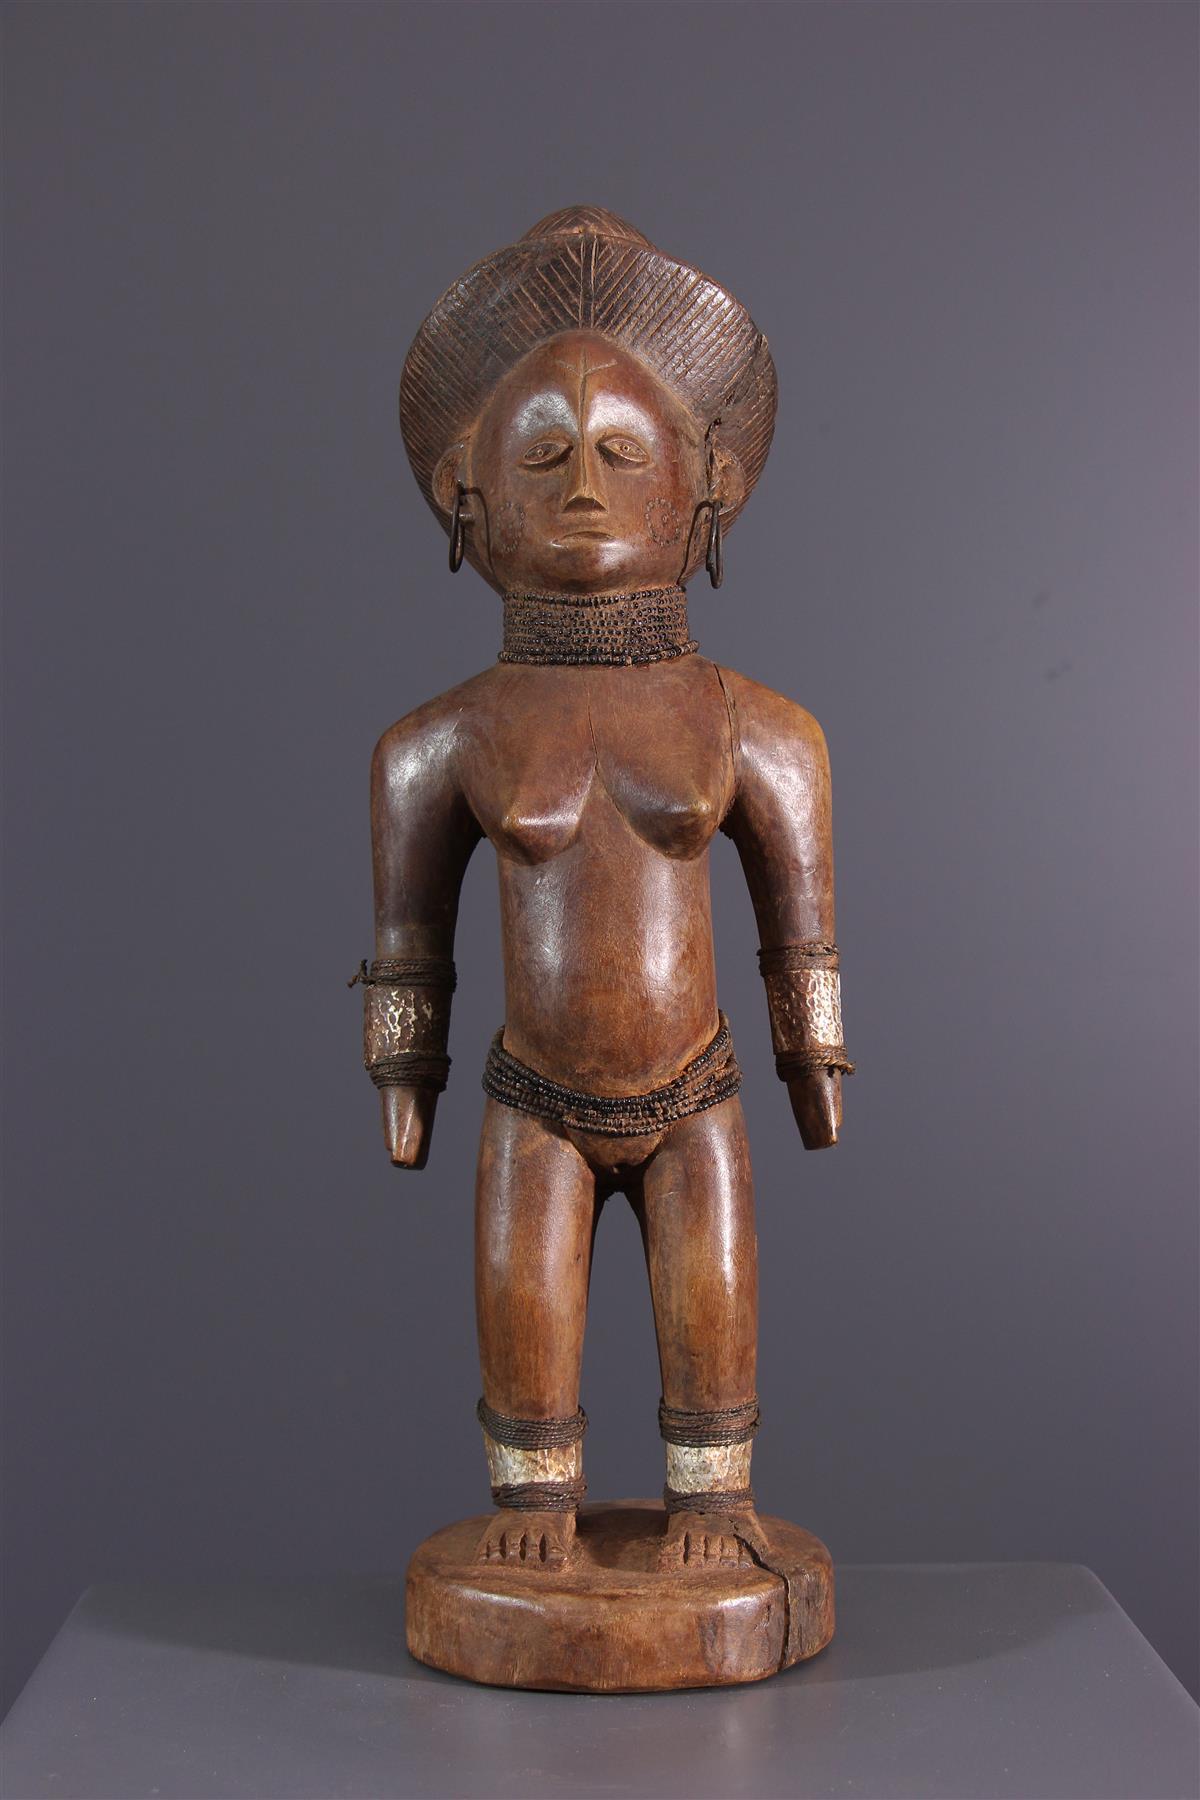 Statue OviMbundu - African art